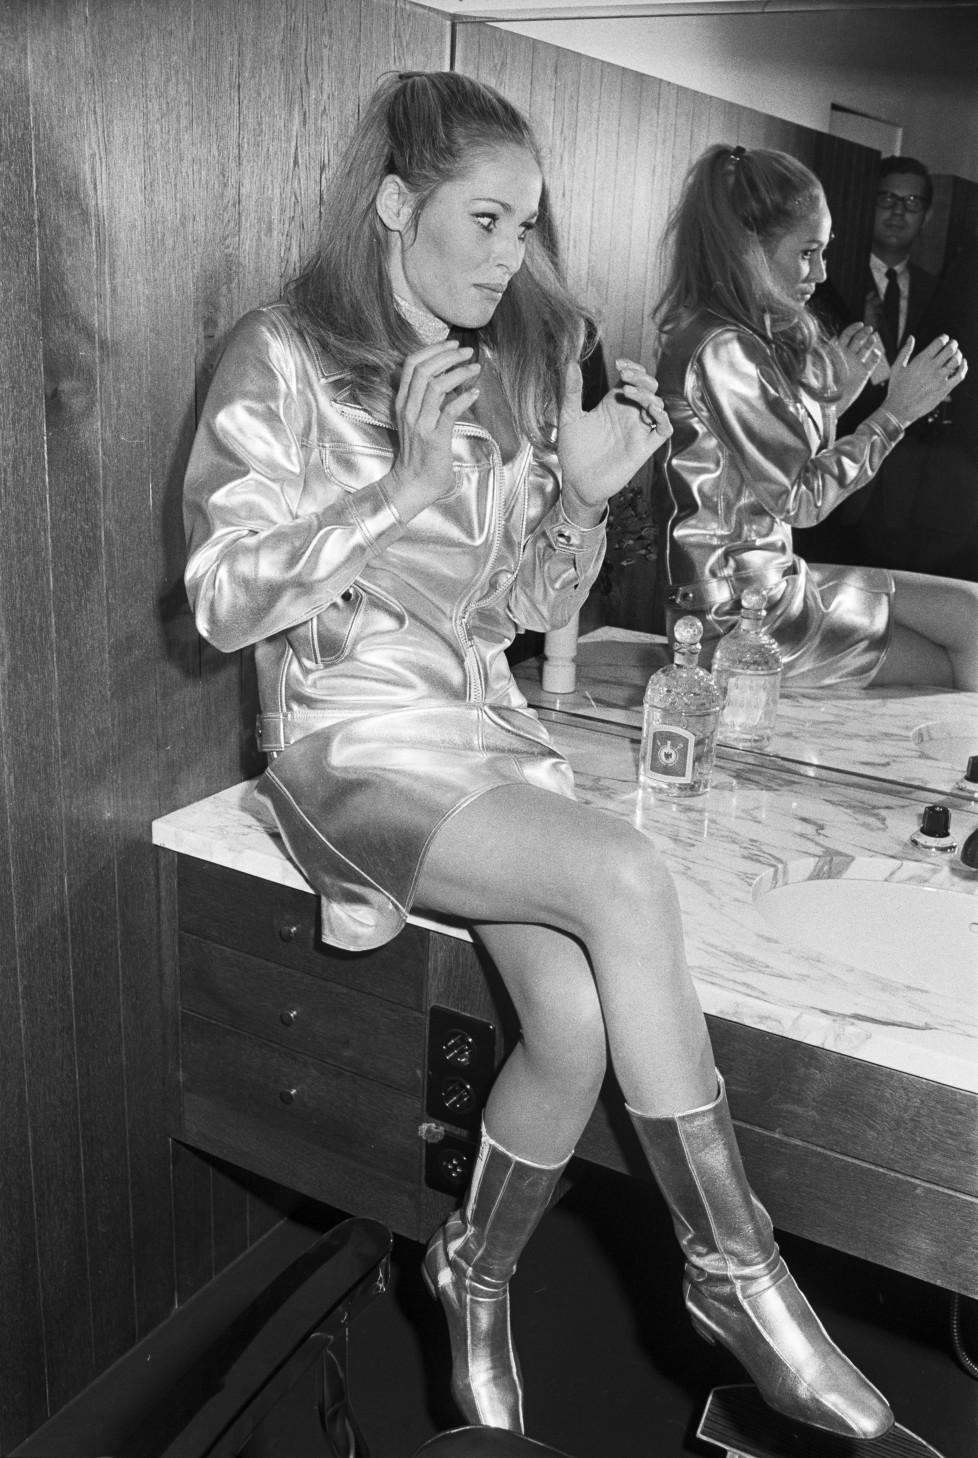 ZUM 80. GEBURTSTAG DER SCHWEIZER FILMSCHAUSPIELERIN URSULA ANDRESS AM SAMSTAG, 19. MAERZ 2016, STELLEN WIR IHNEN FOLGENDES BILDMATERIAL ZUR VERFUEGUNG - Die Filmschauspielerin Ursula Andress eroeffnet am 13. Oktober 1966 in Bern einen Herrensalon. Neben ihren beiden Schwestern, den beiden Kosmetikerinnen Charlotte und Gisela Andress, stehen auch noch drei Herrencoiffeure den Kunden zur Verfuegung. (KEYSTONE/PHOTOPRESS-ARCHIV/Str)